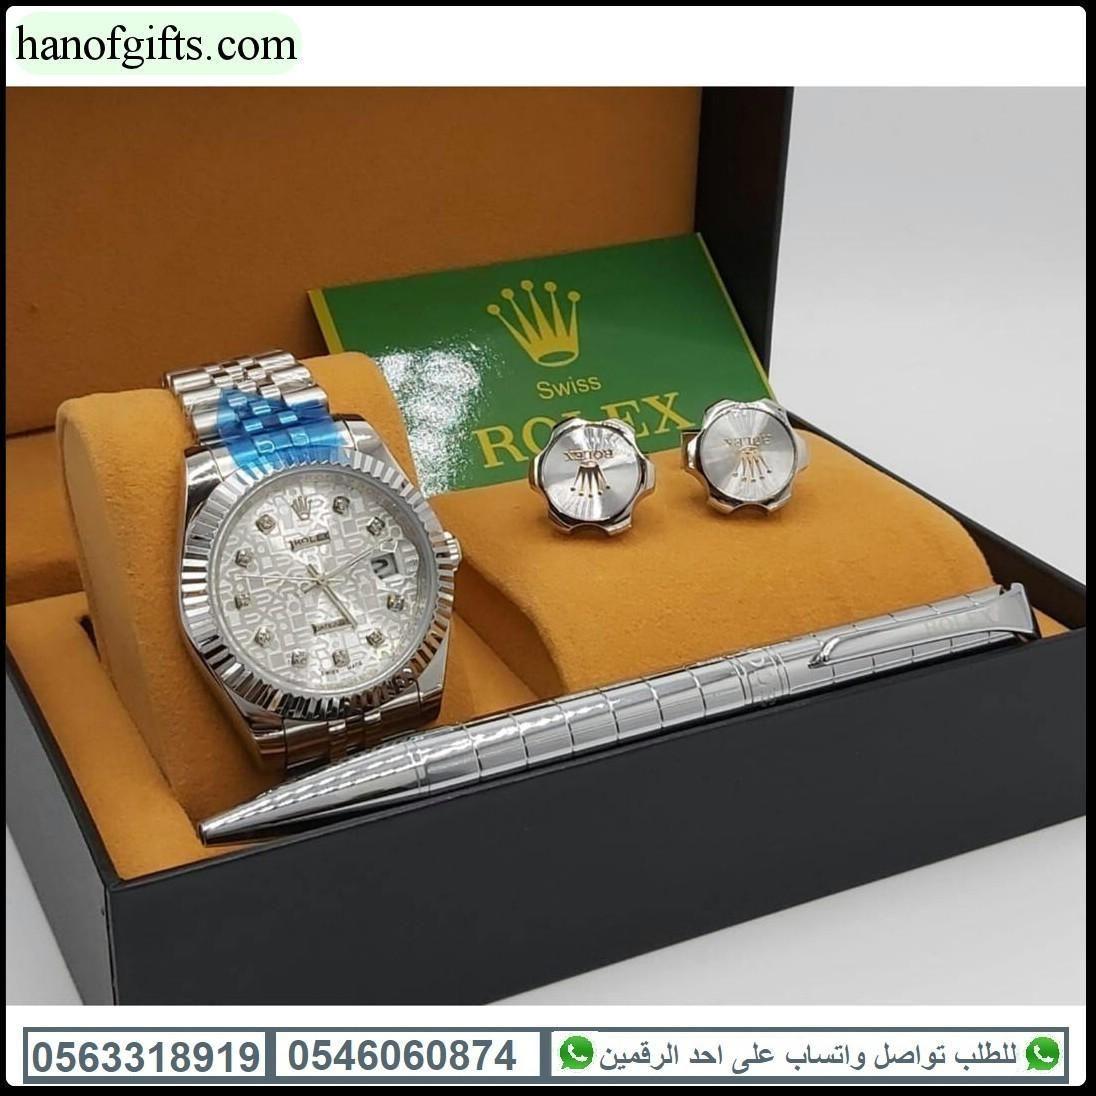 ساعات رولكس للساعات والاكسسوارات طقم ساعه و قلم وكبك رولكس هدايا هنوف Rolex Watches Bracelet Watch Accessories